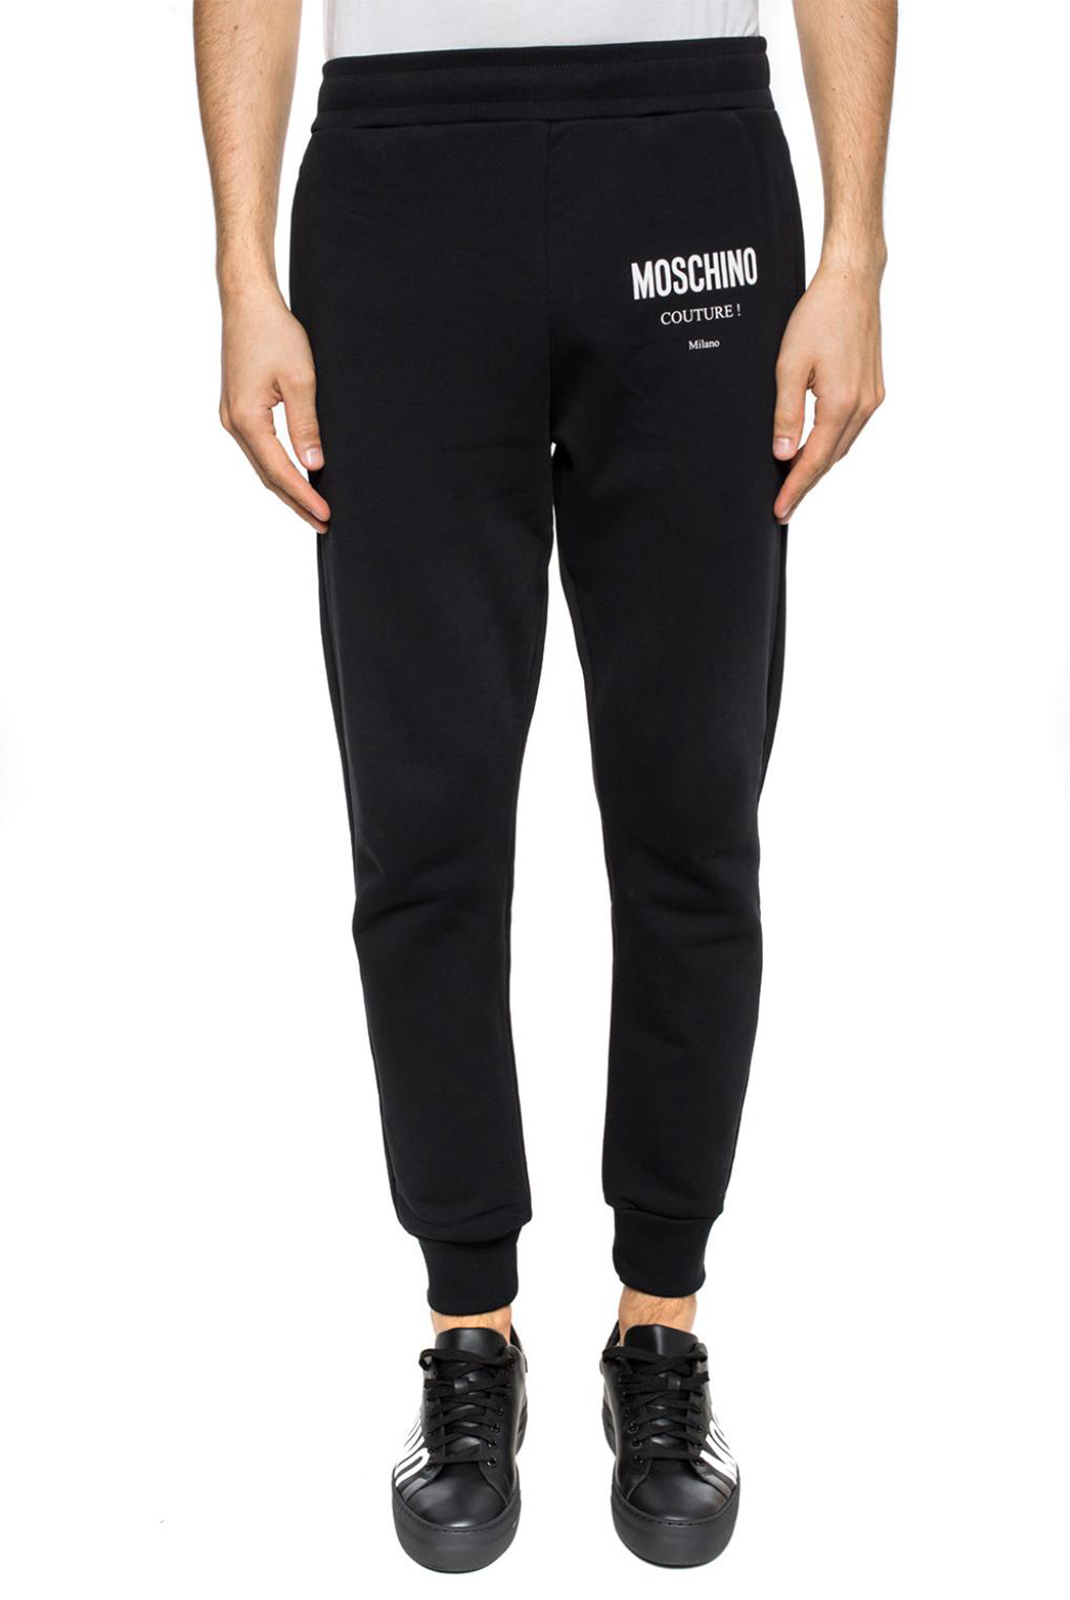 Pantalons  Moschino ZA0318 1555 BLACK